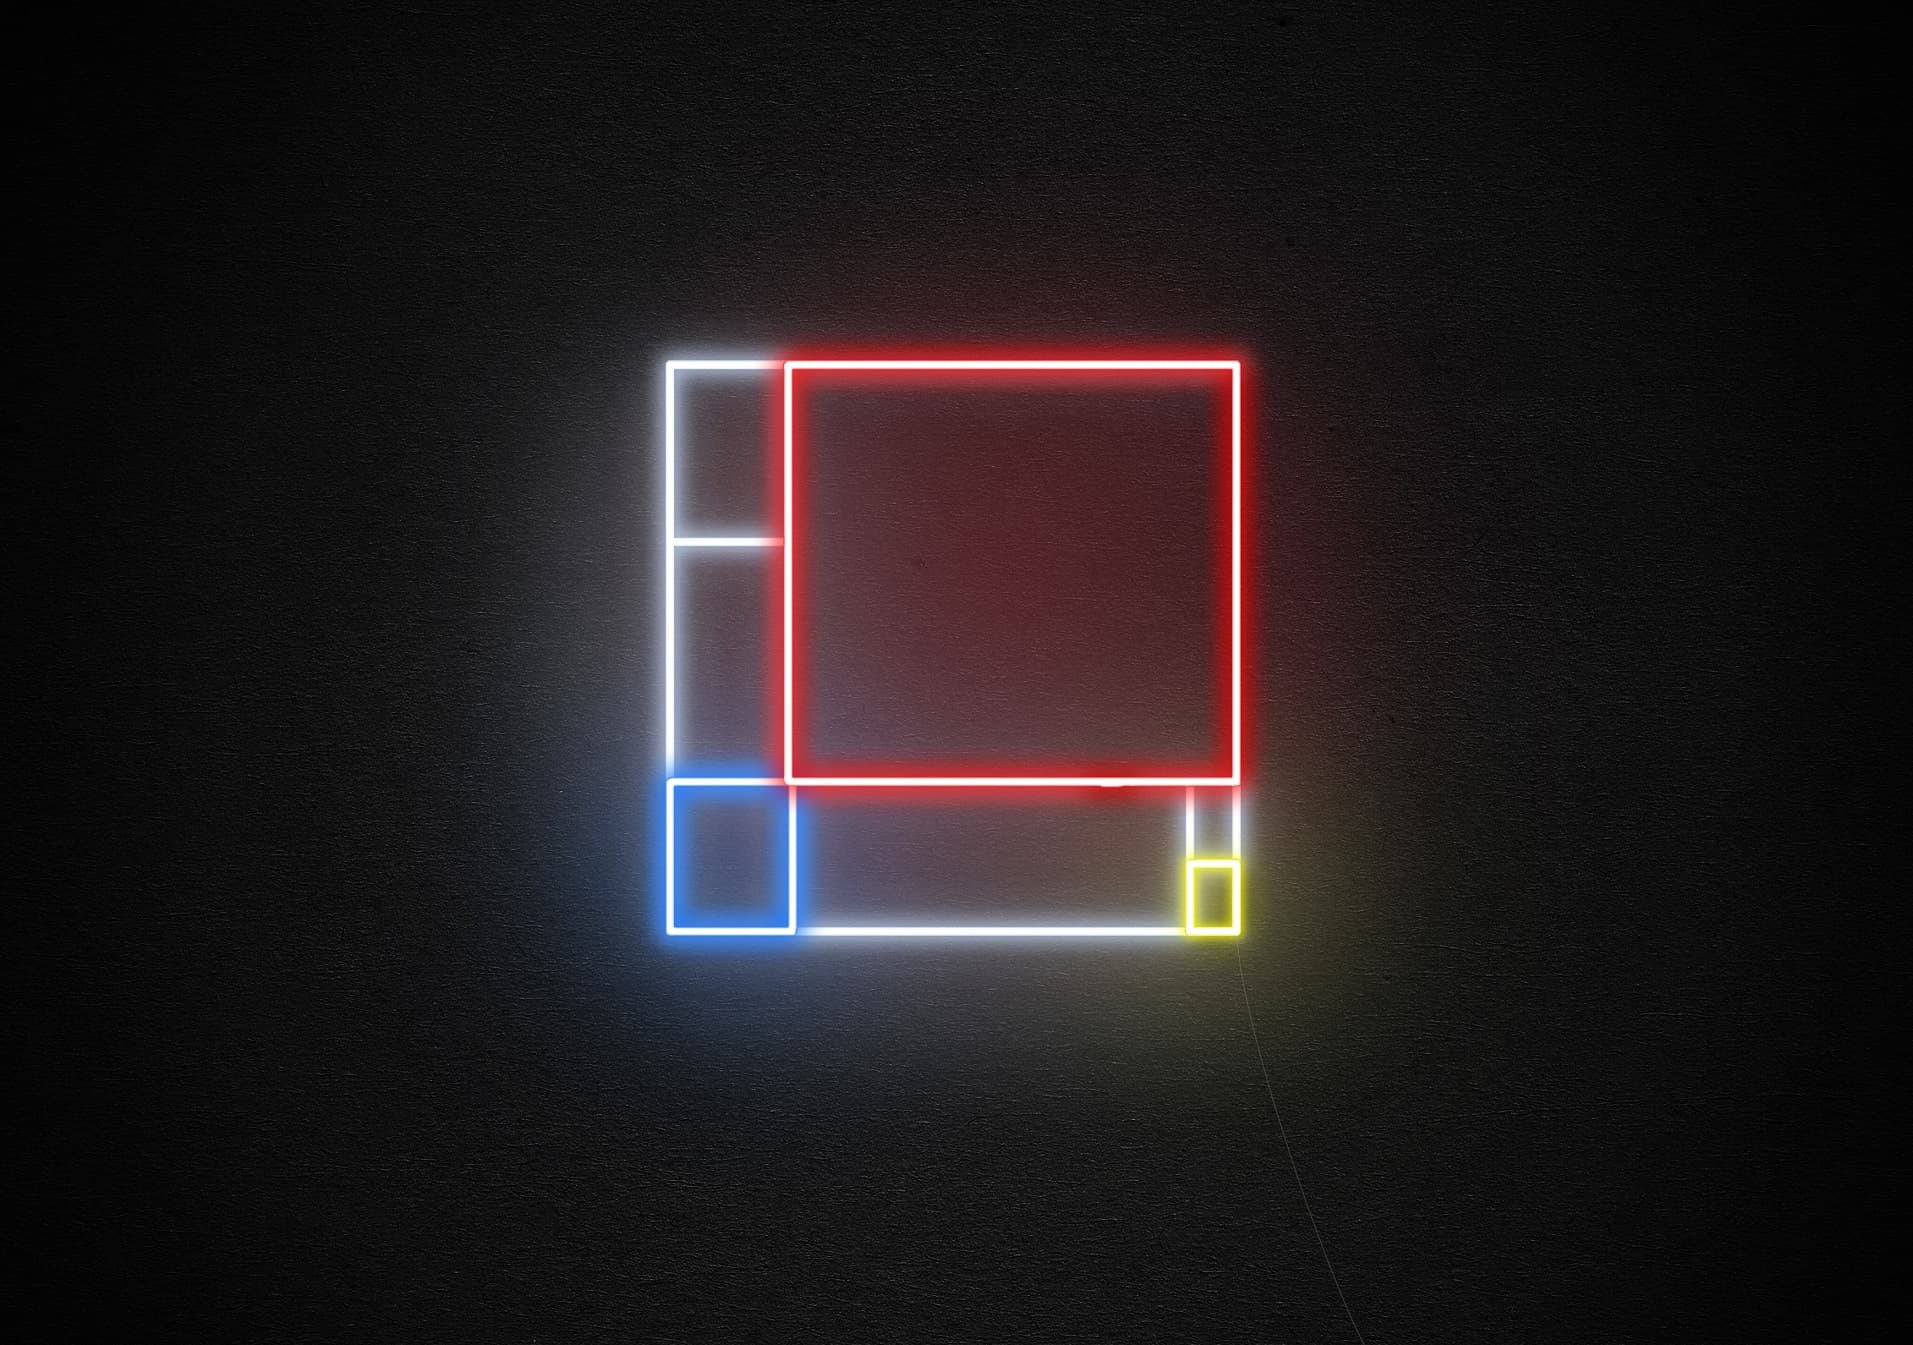 mondrian neon light